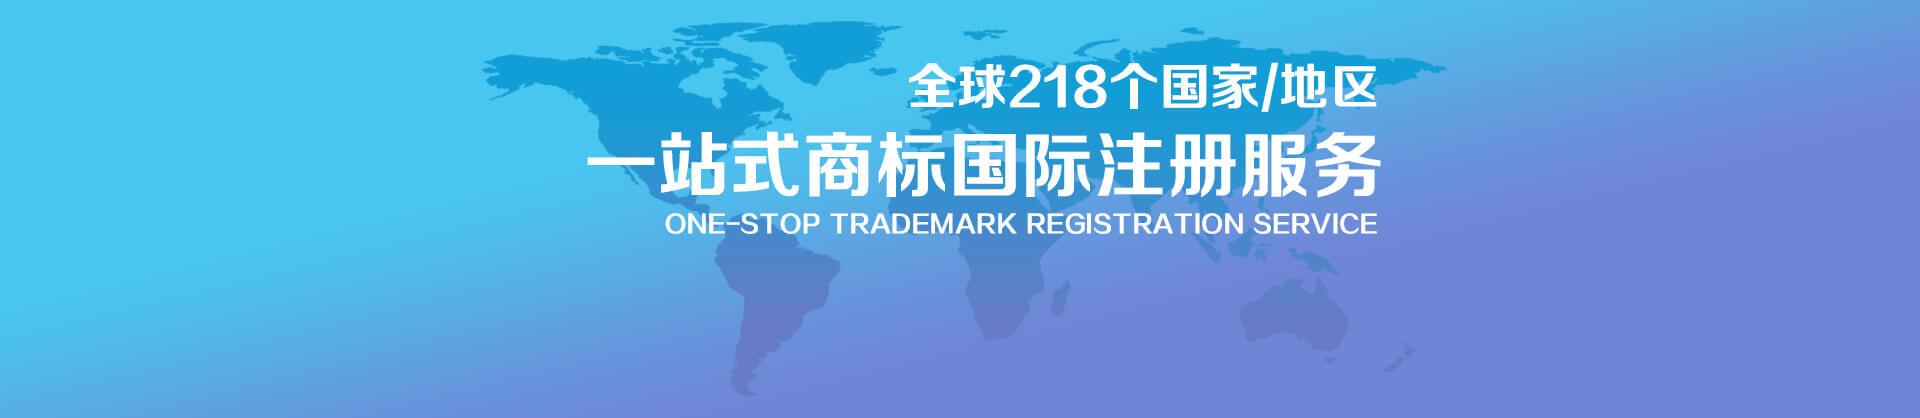 全球218个国家/地区,一站式商标国际注册服务